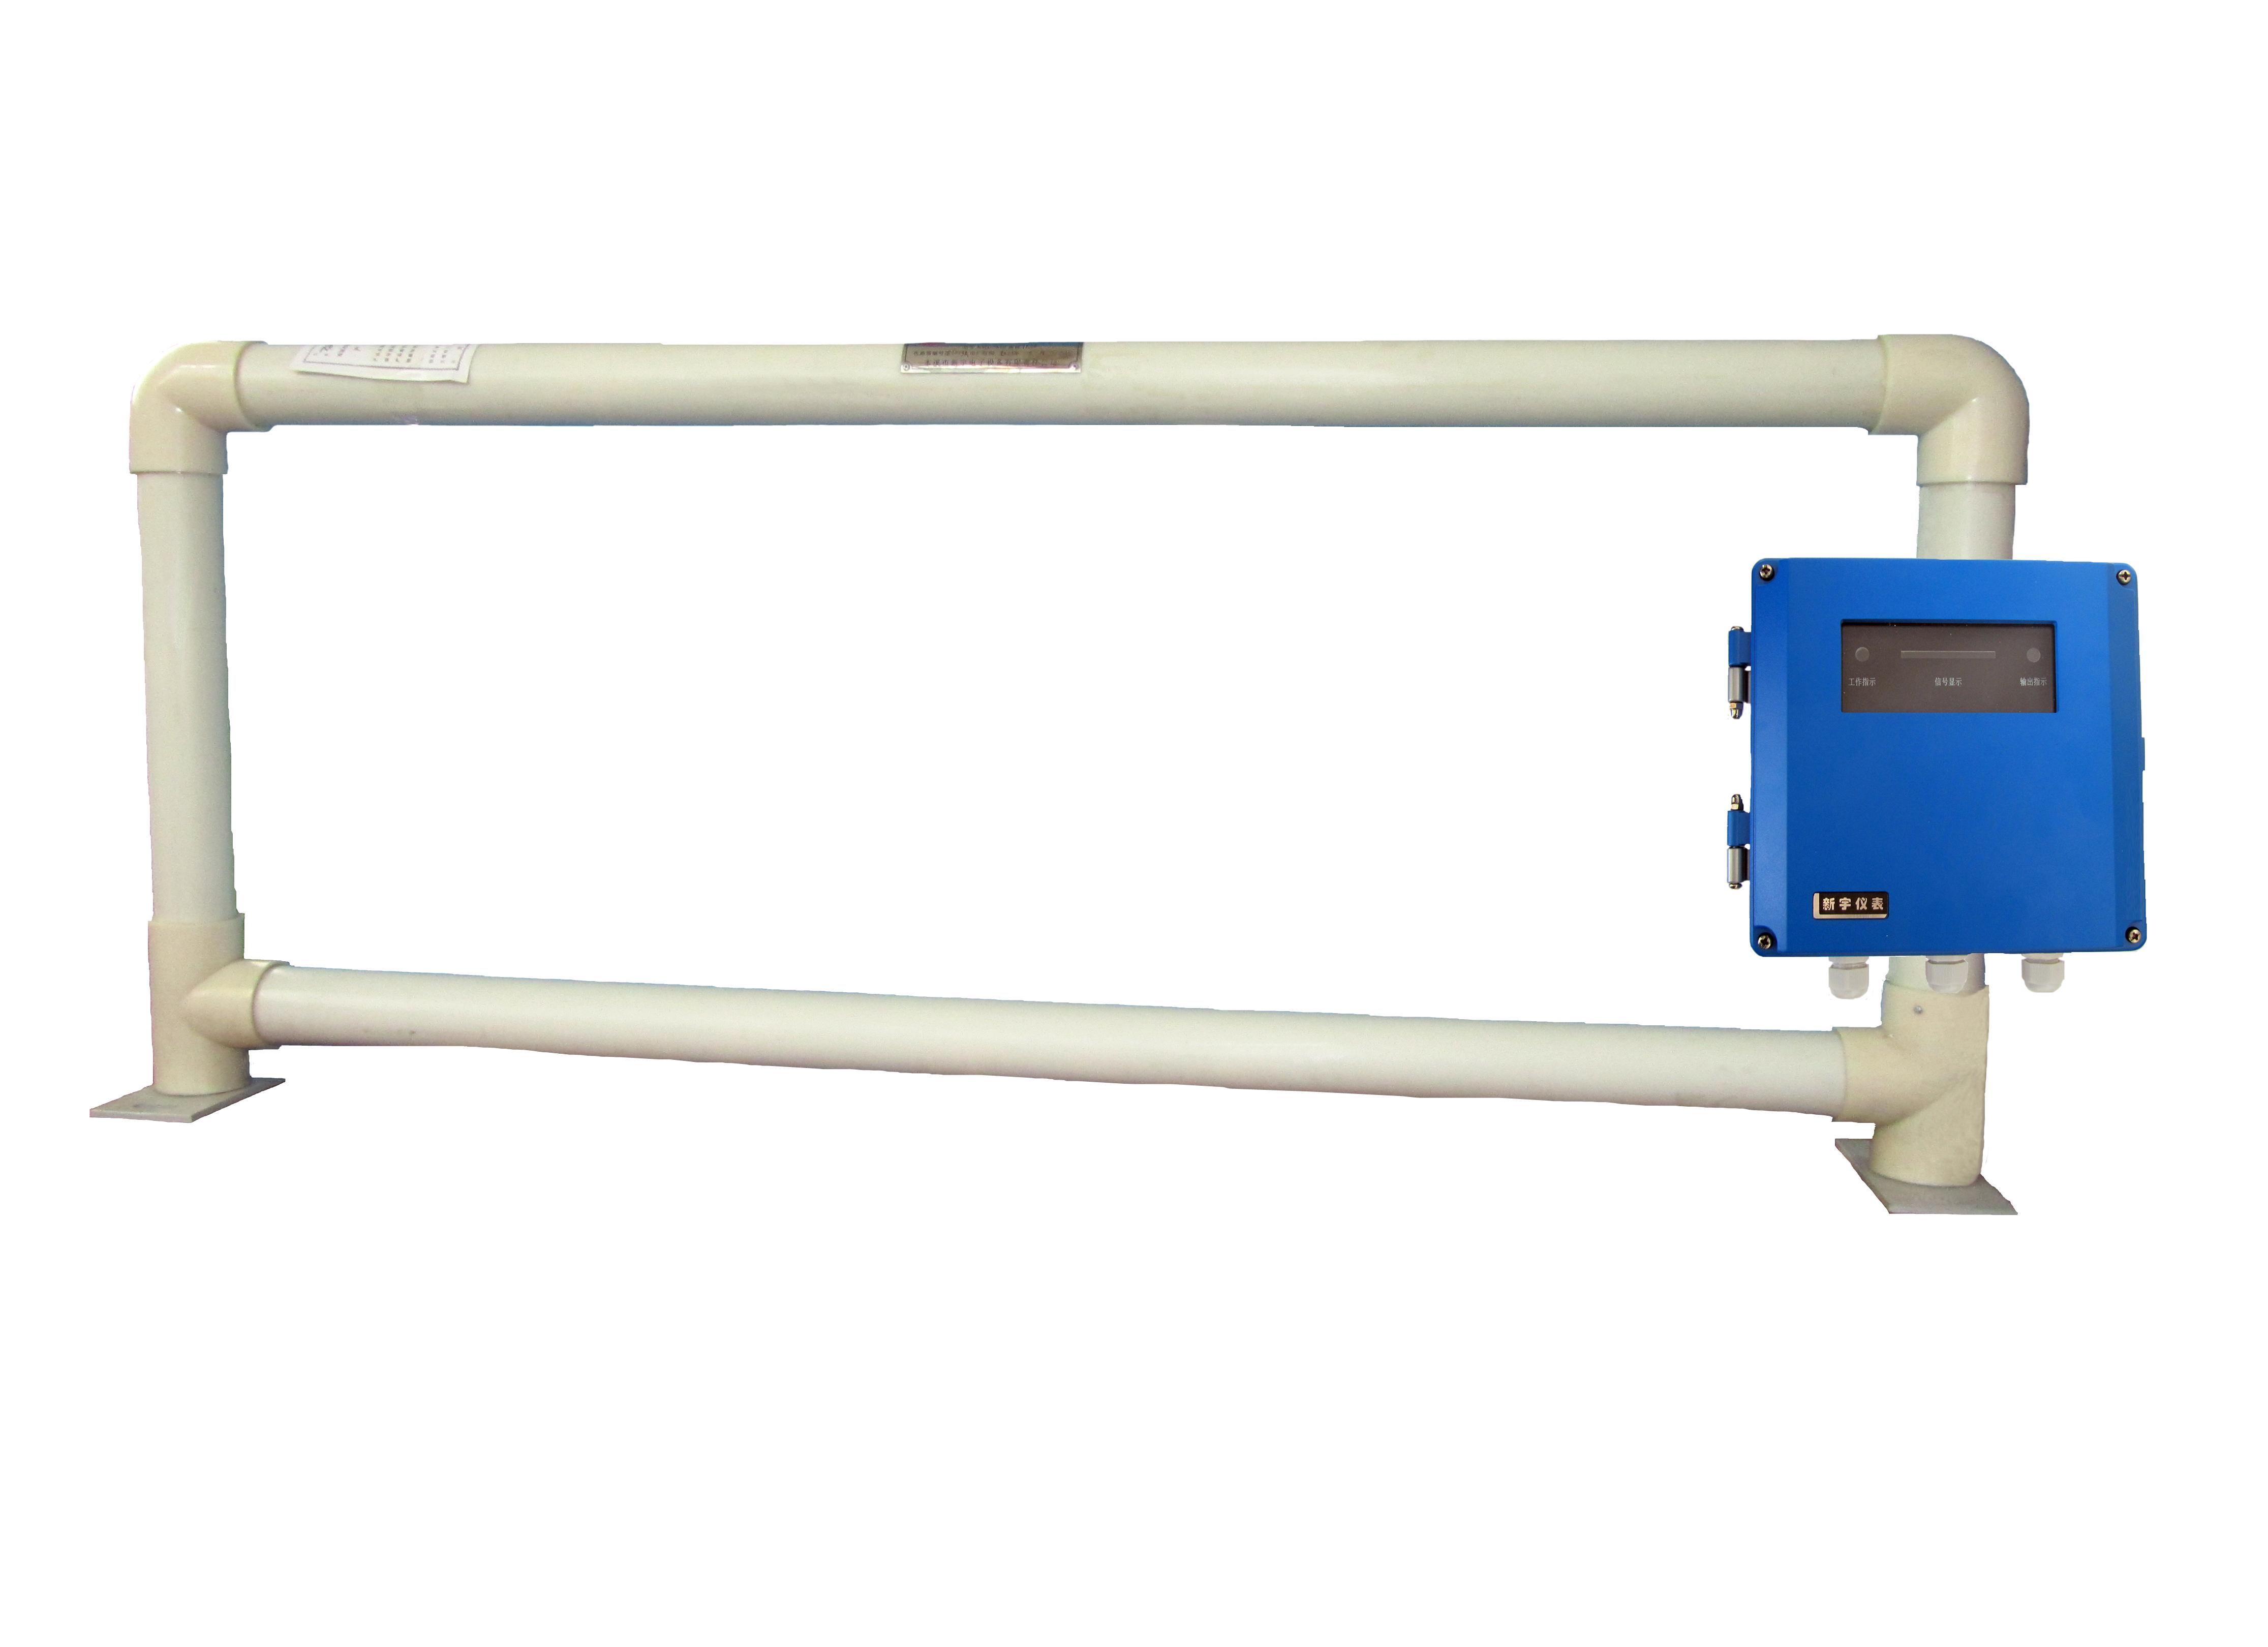 BMD - 400 metal detector